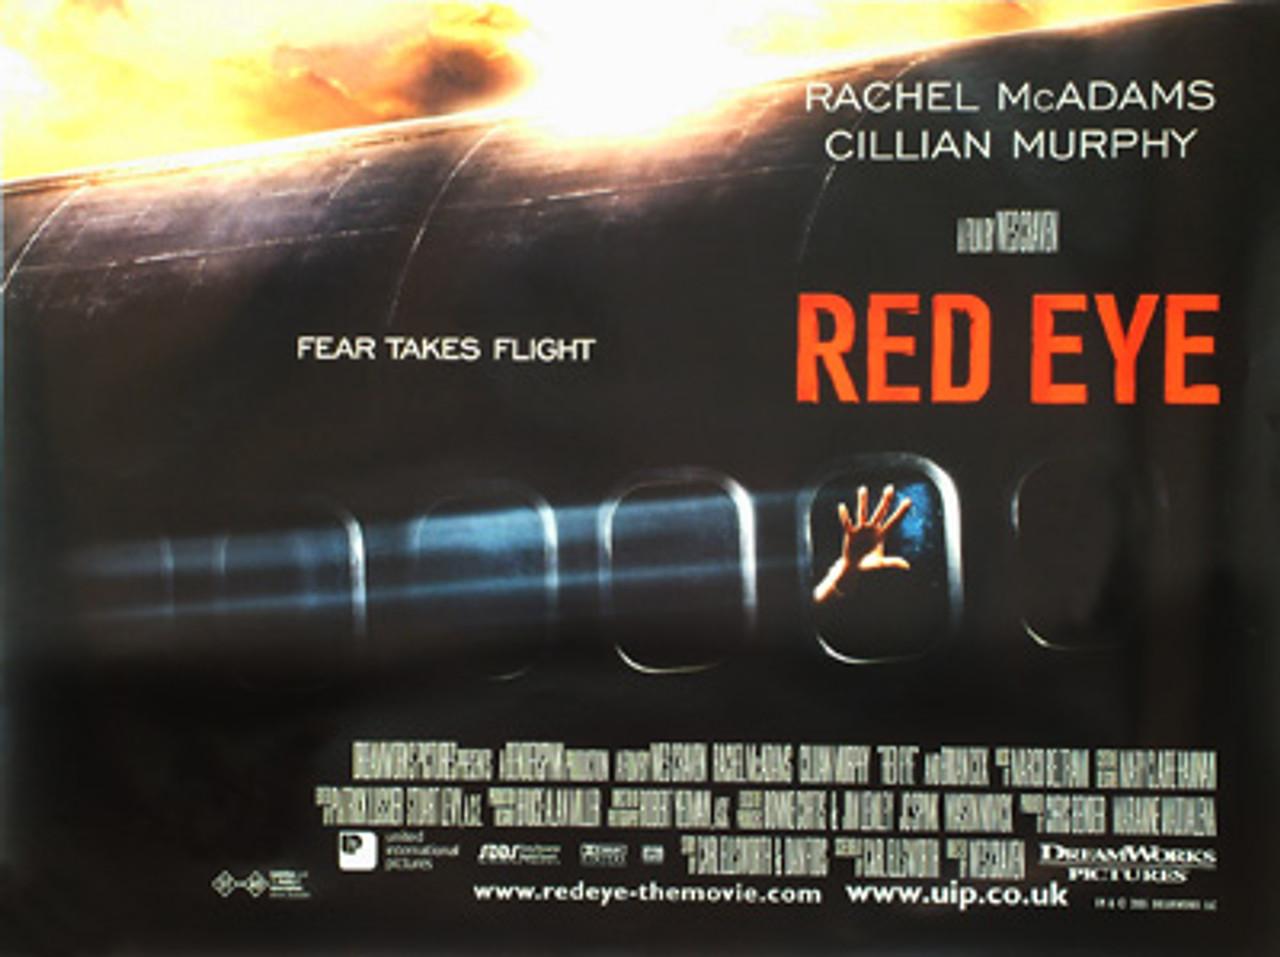 RED EYE POSTER buy movie posters at Starstills.com (SSB1038-788941)